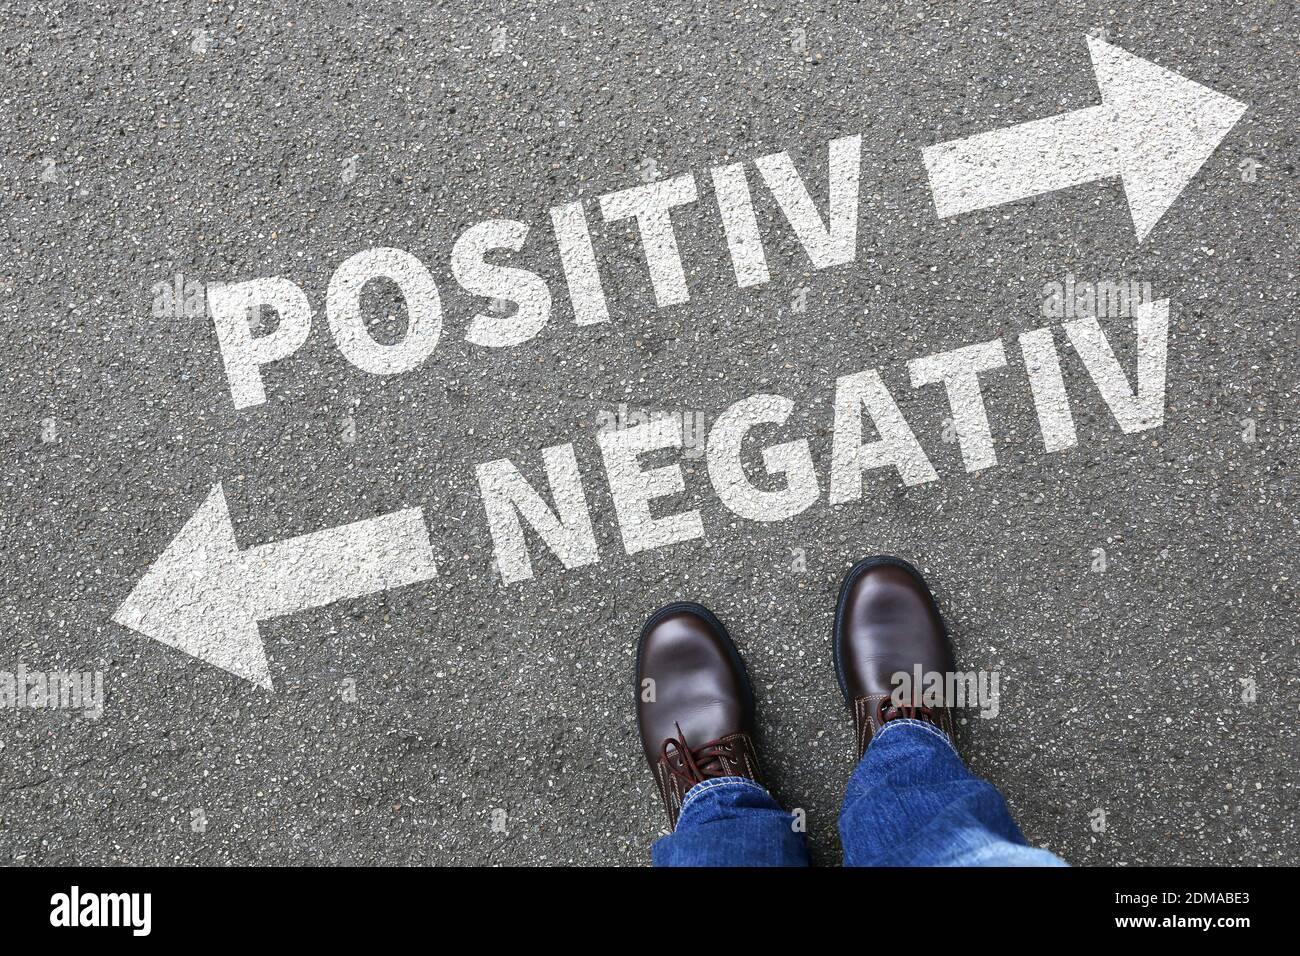 Negativ positiv gut schlecht Business Konzept denken Einstellung Entscheidung Wahl Stock Photo